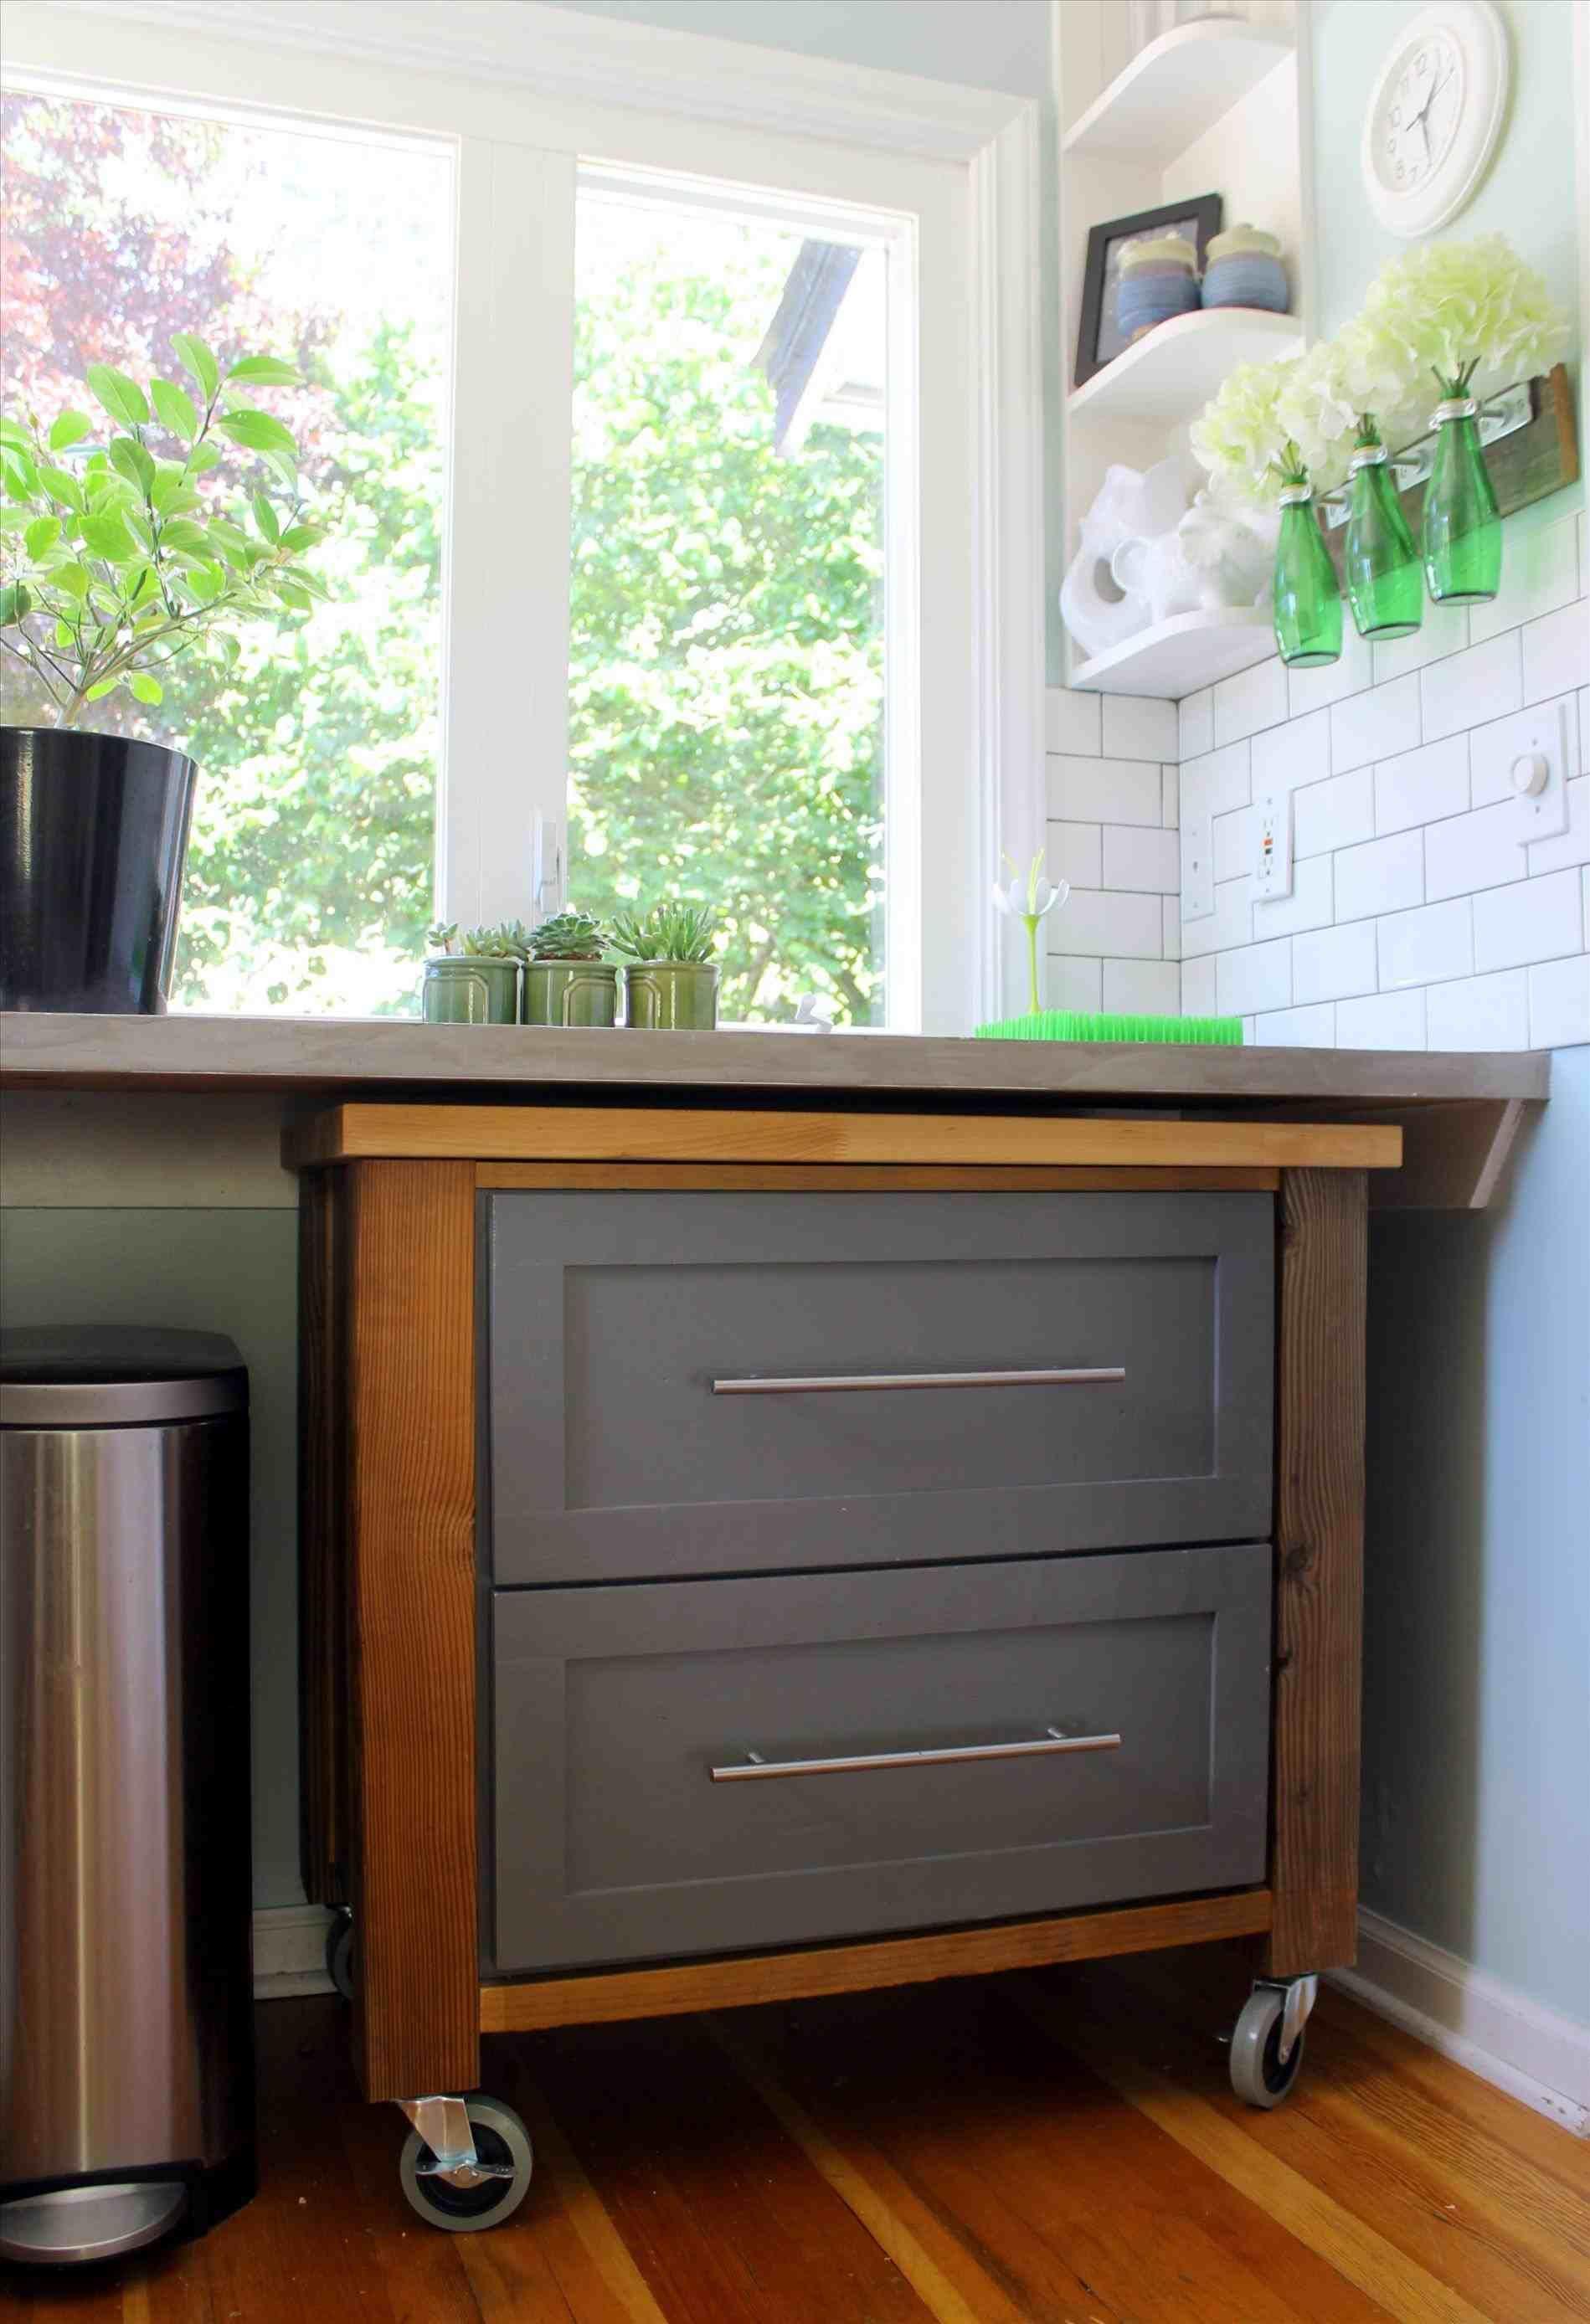 Wunderbar Catskill Kücheninseln Galerie - Küchenschrank Ideen ...